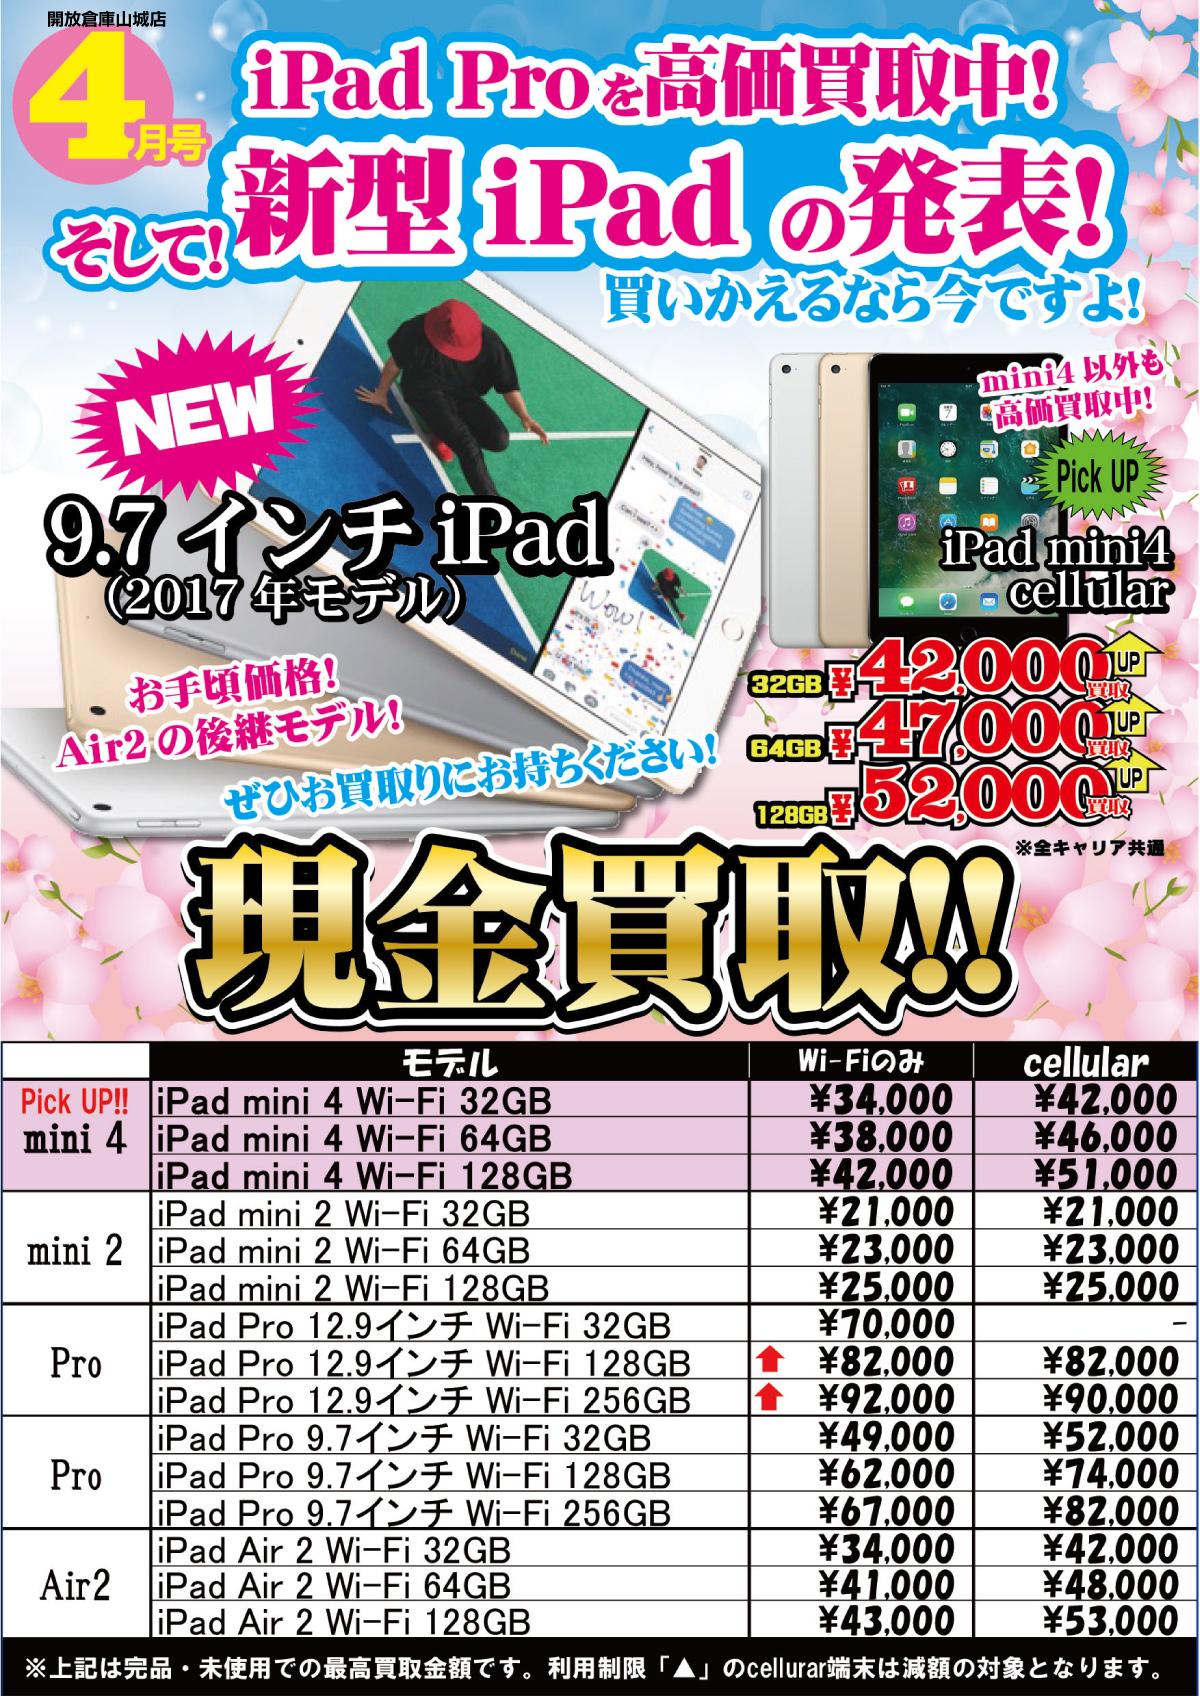 「開放倉庫山城店」2017年4月号/iPad Proを高価買取中!そして!新型iPadの発表!買いかえるなら今ですよ!